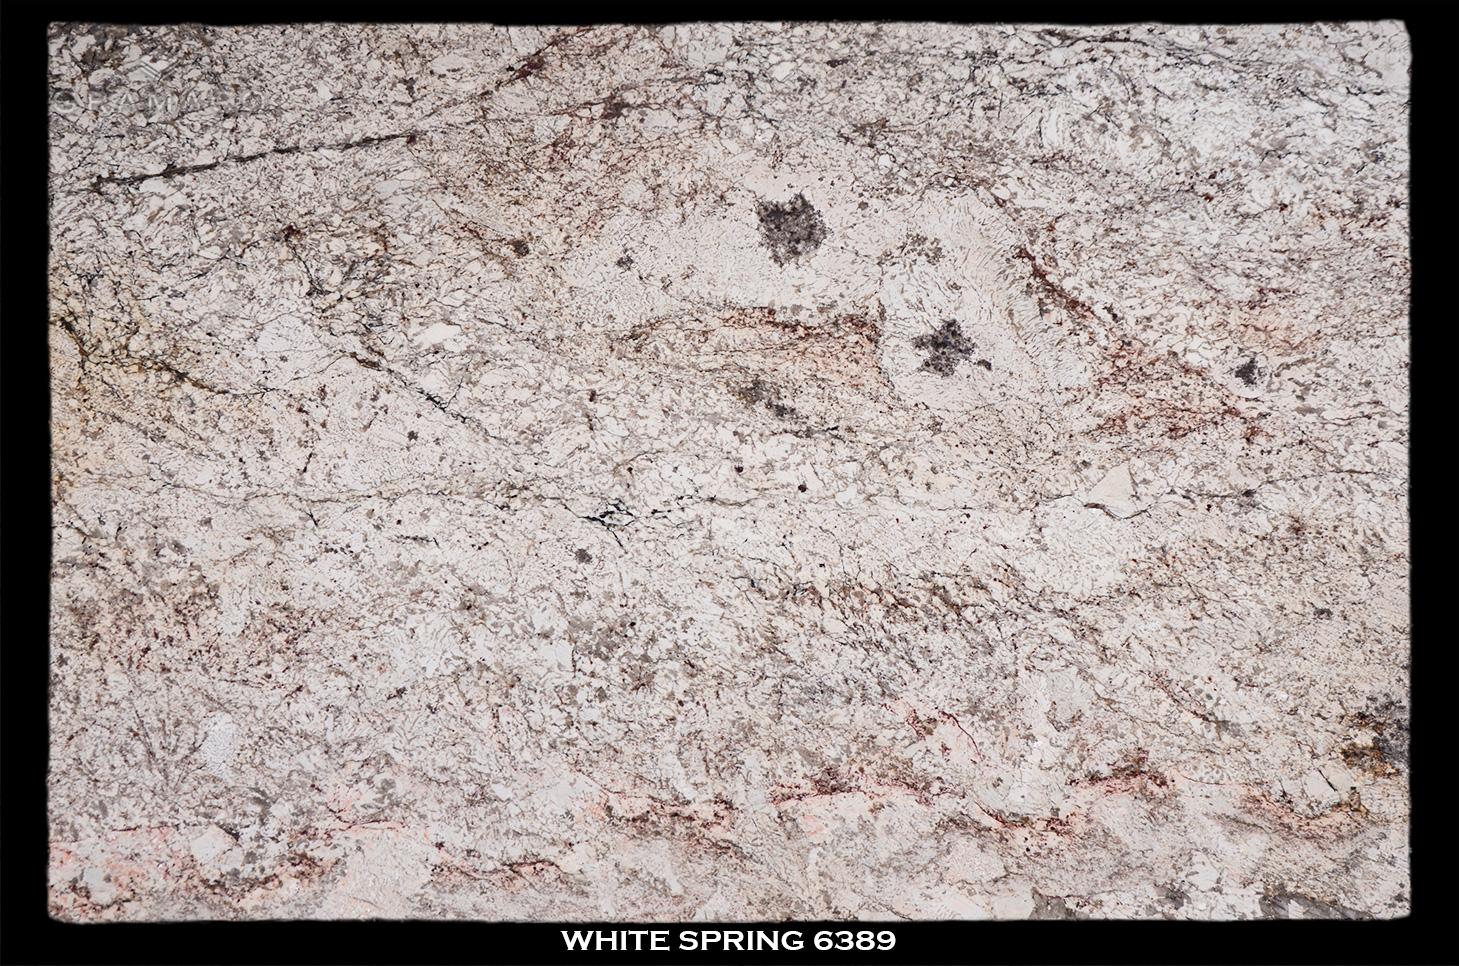 WHITE-SPRING-6389---FULL-SLAB-BLACK